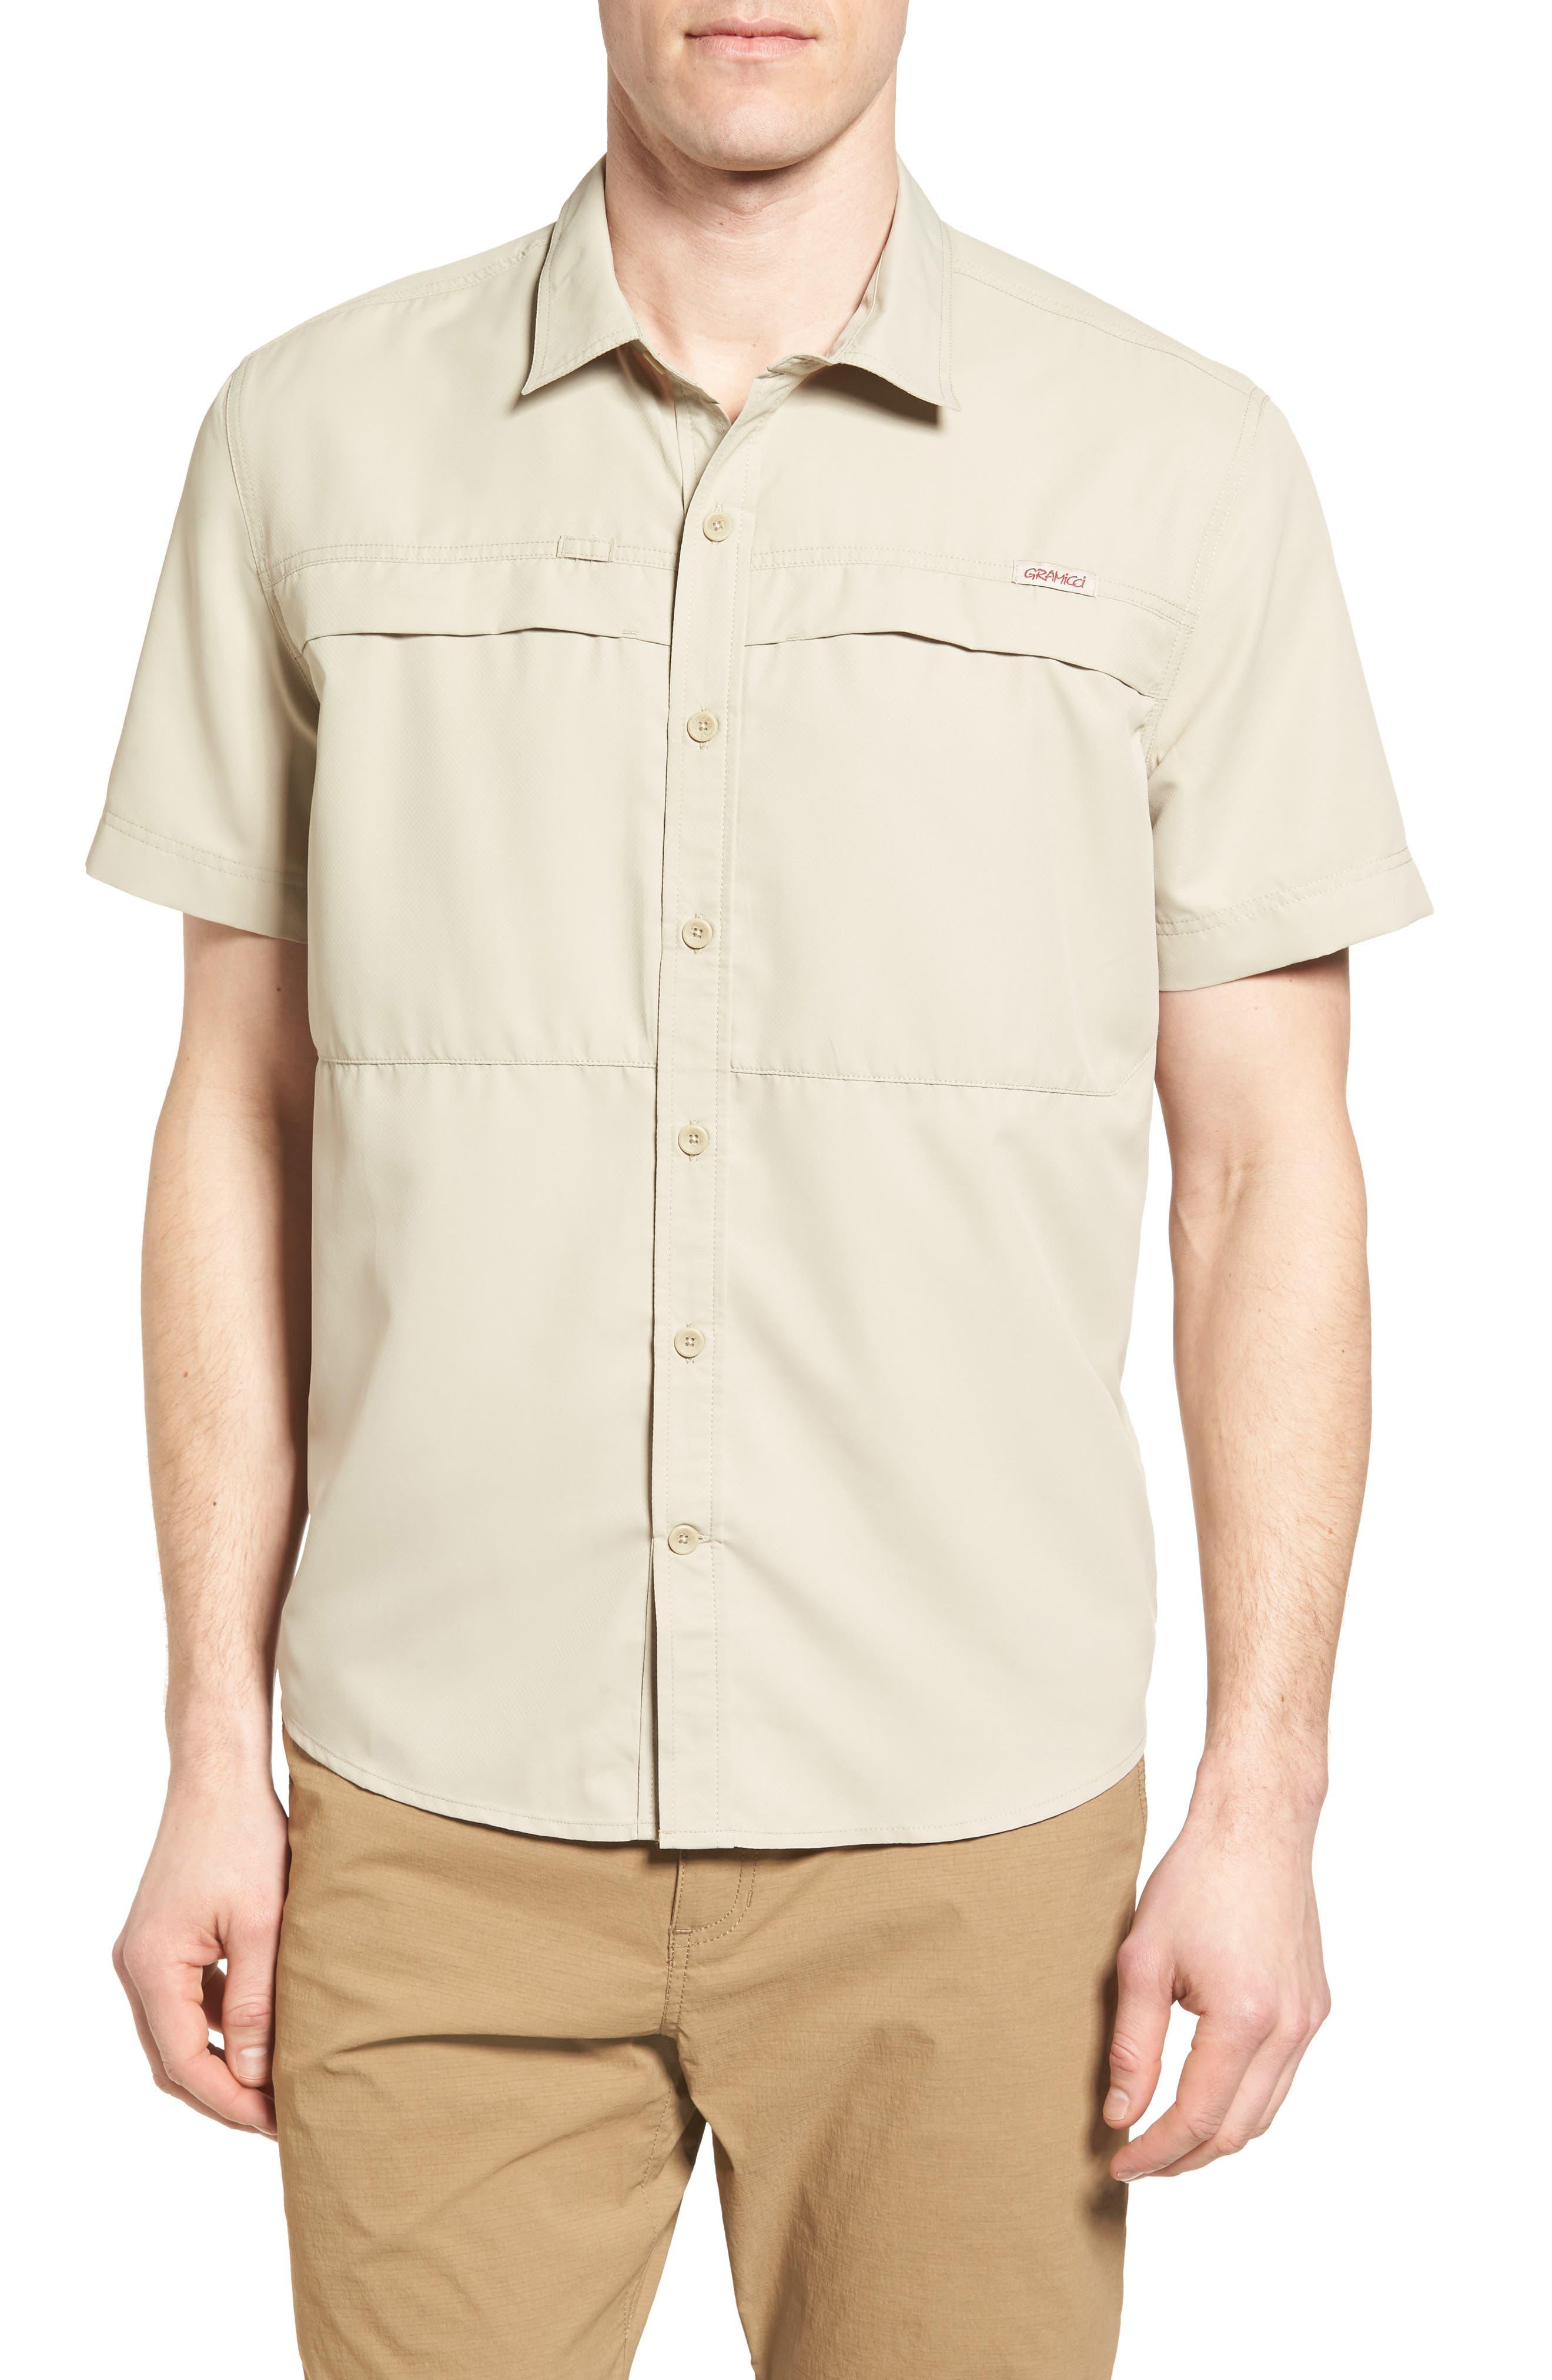 Pescador Tech Shirt,                             Main thumbnail 1, color,                             252